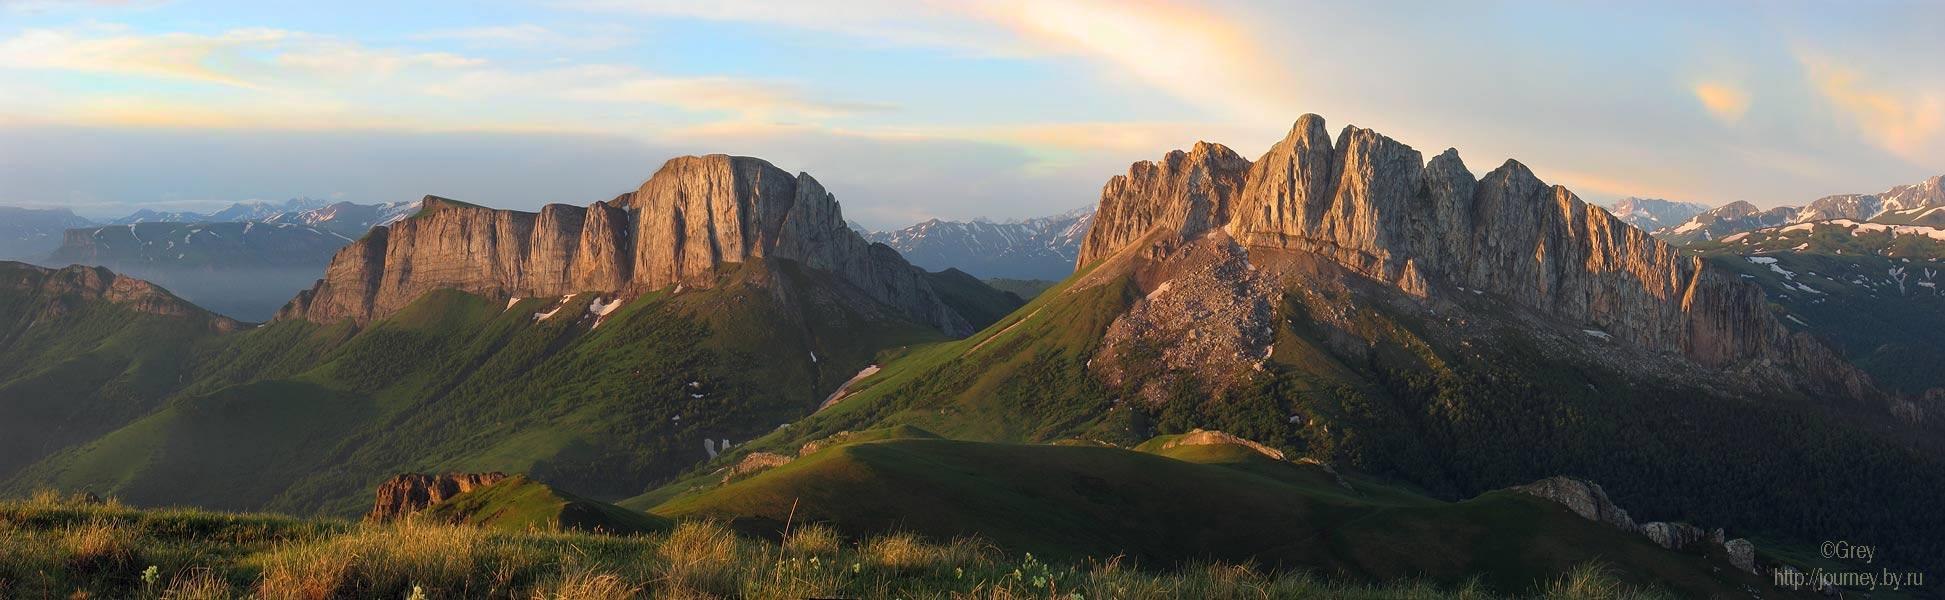 горы,кавказ,скалы,туризм, Grey